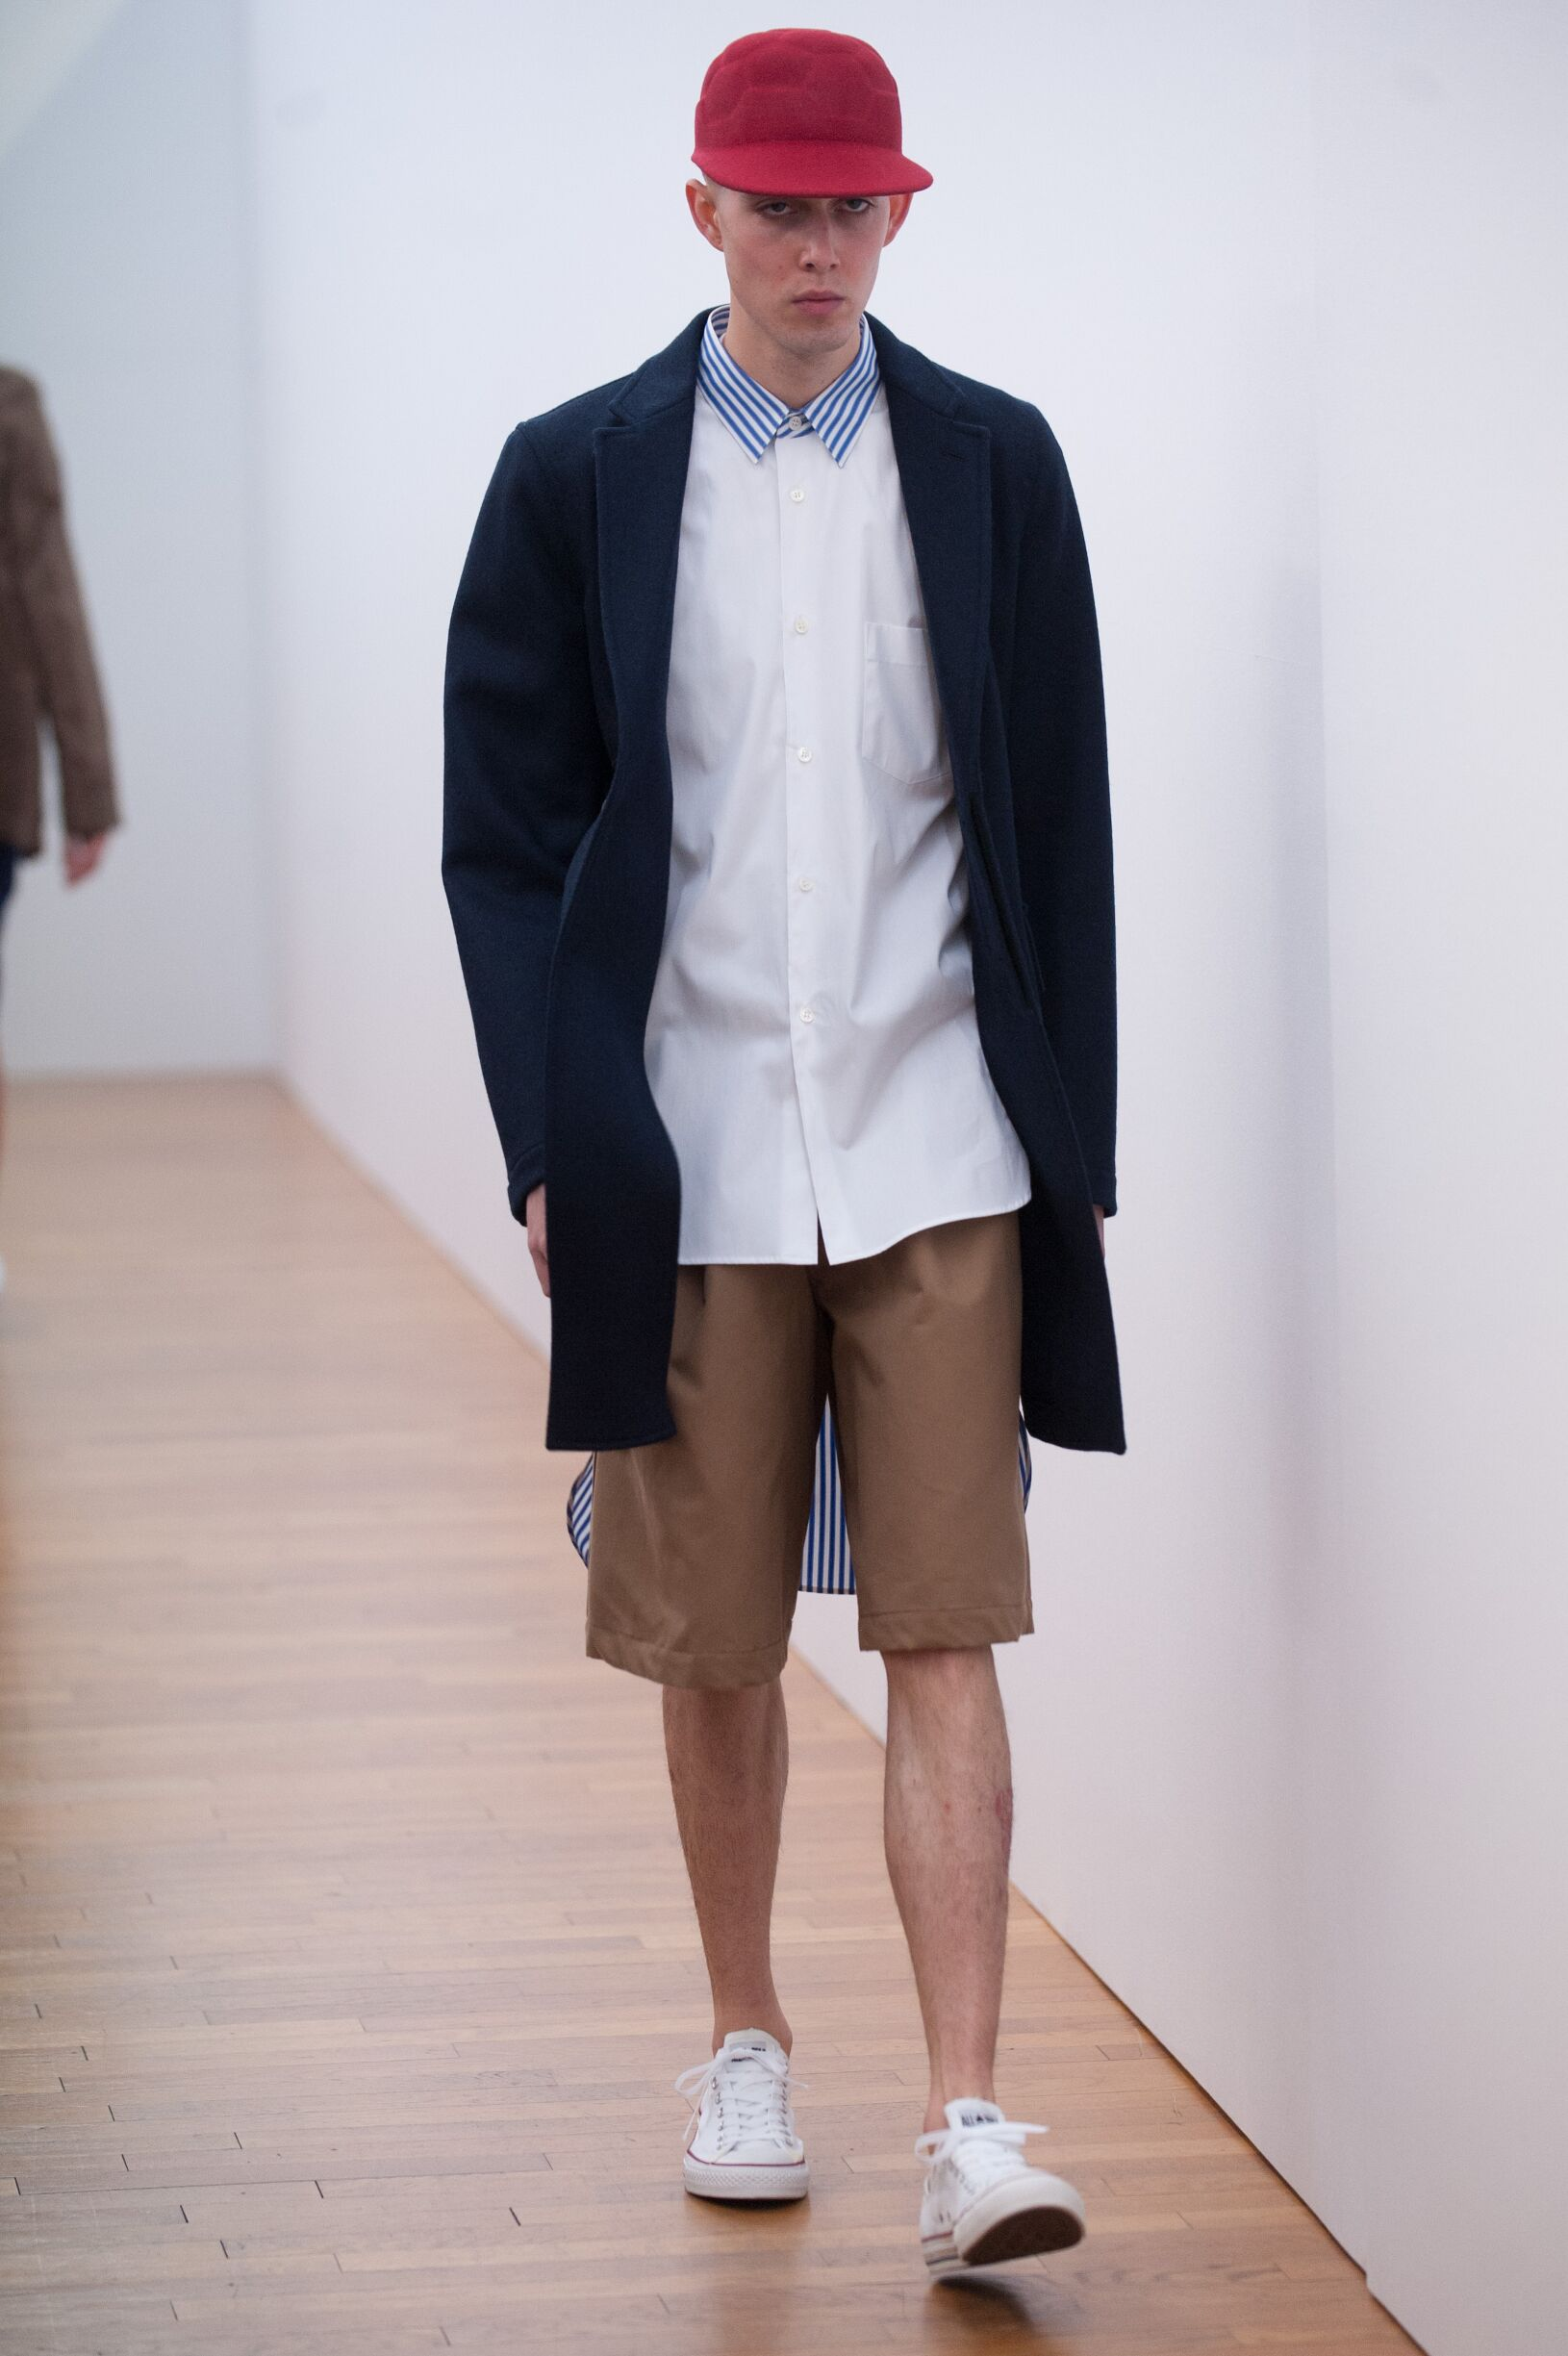 Winter 2017 Man Trends Comme Des Garçons Shirt